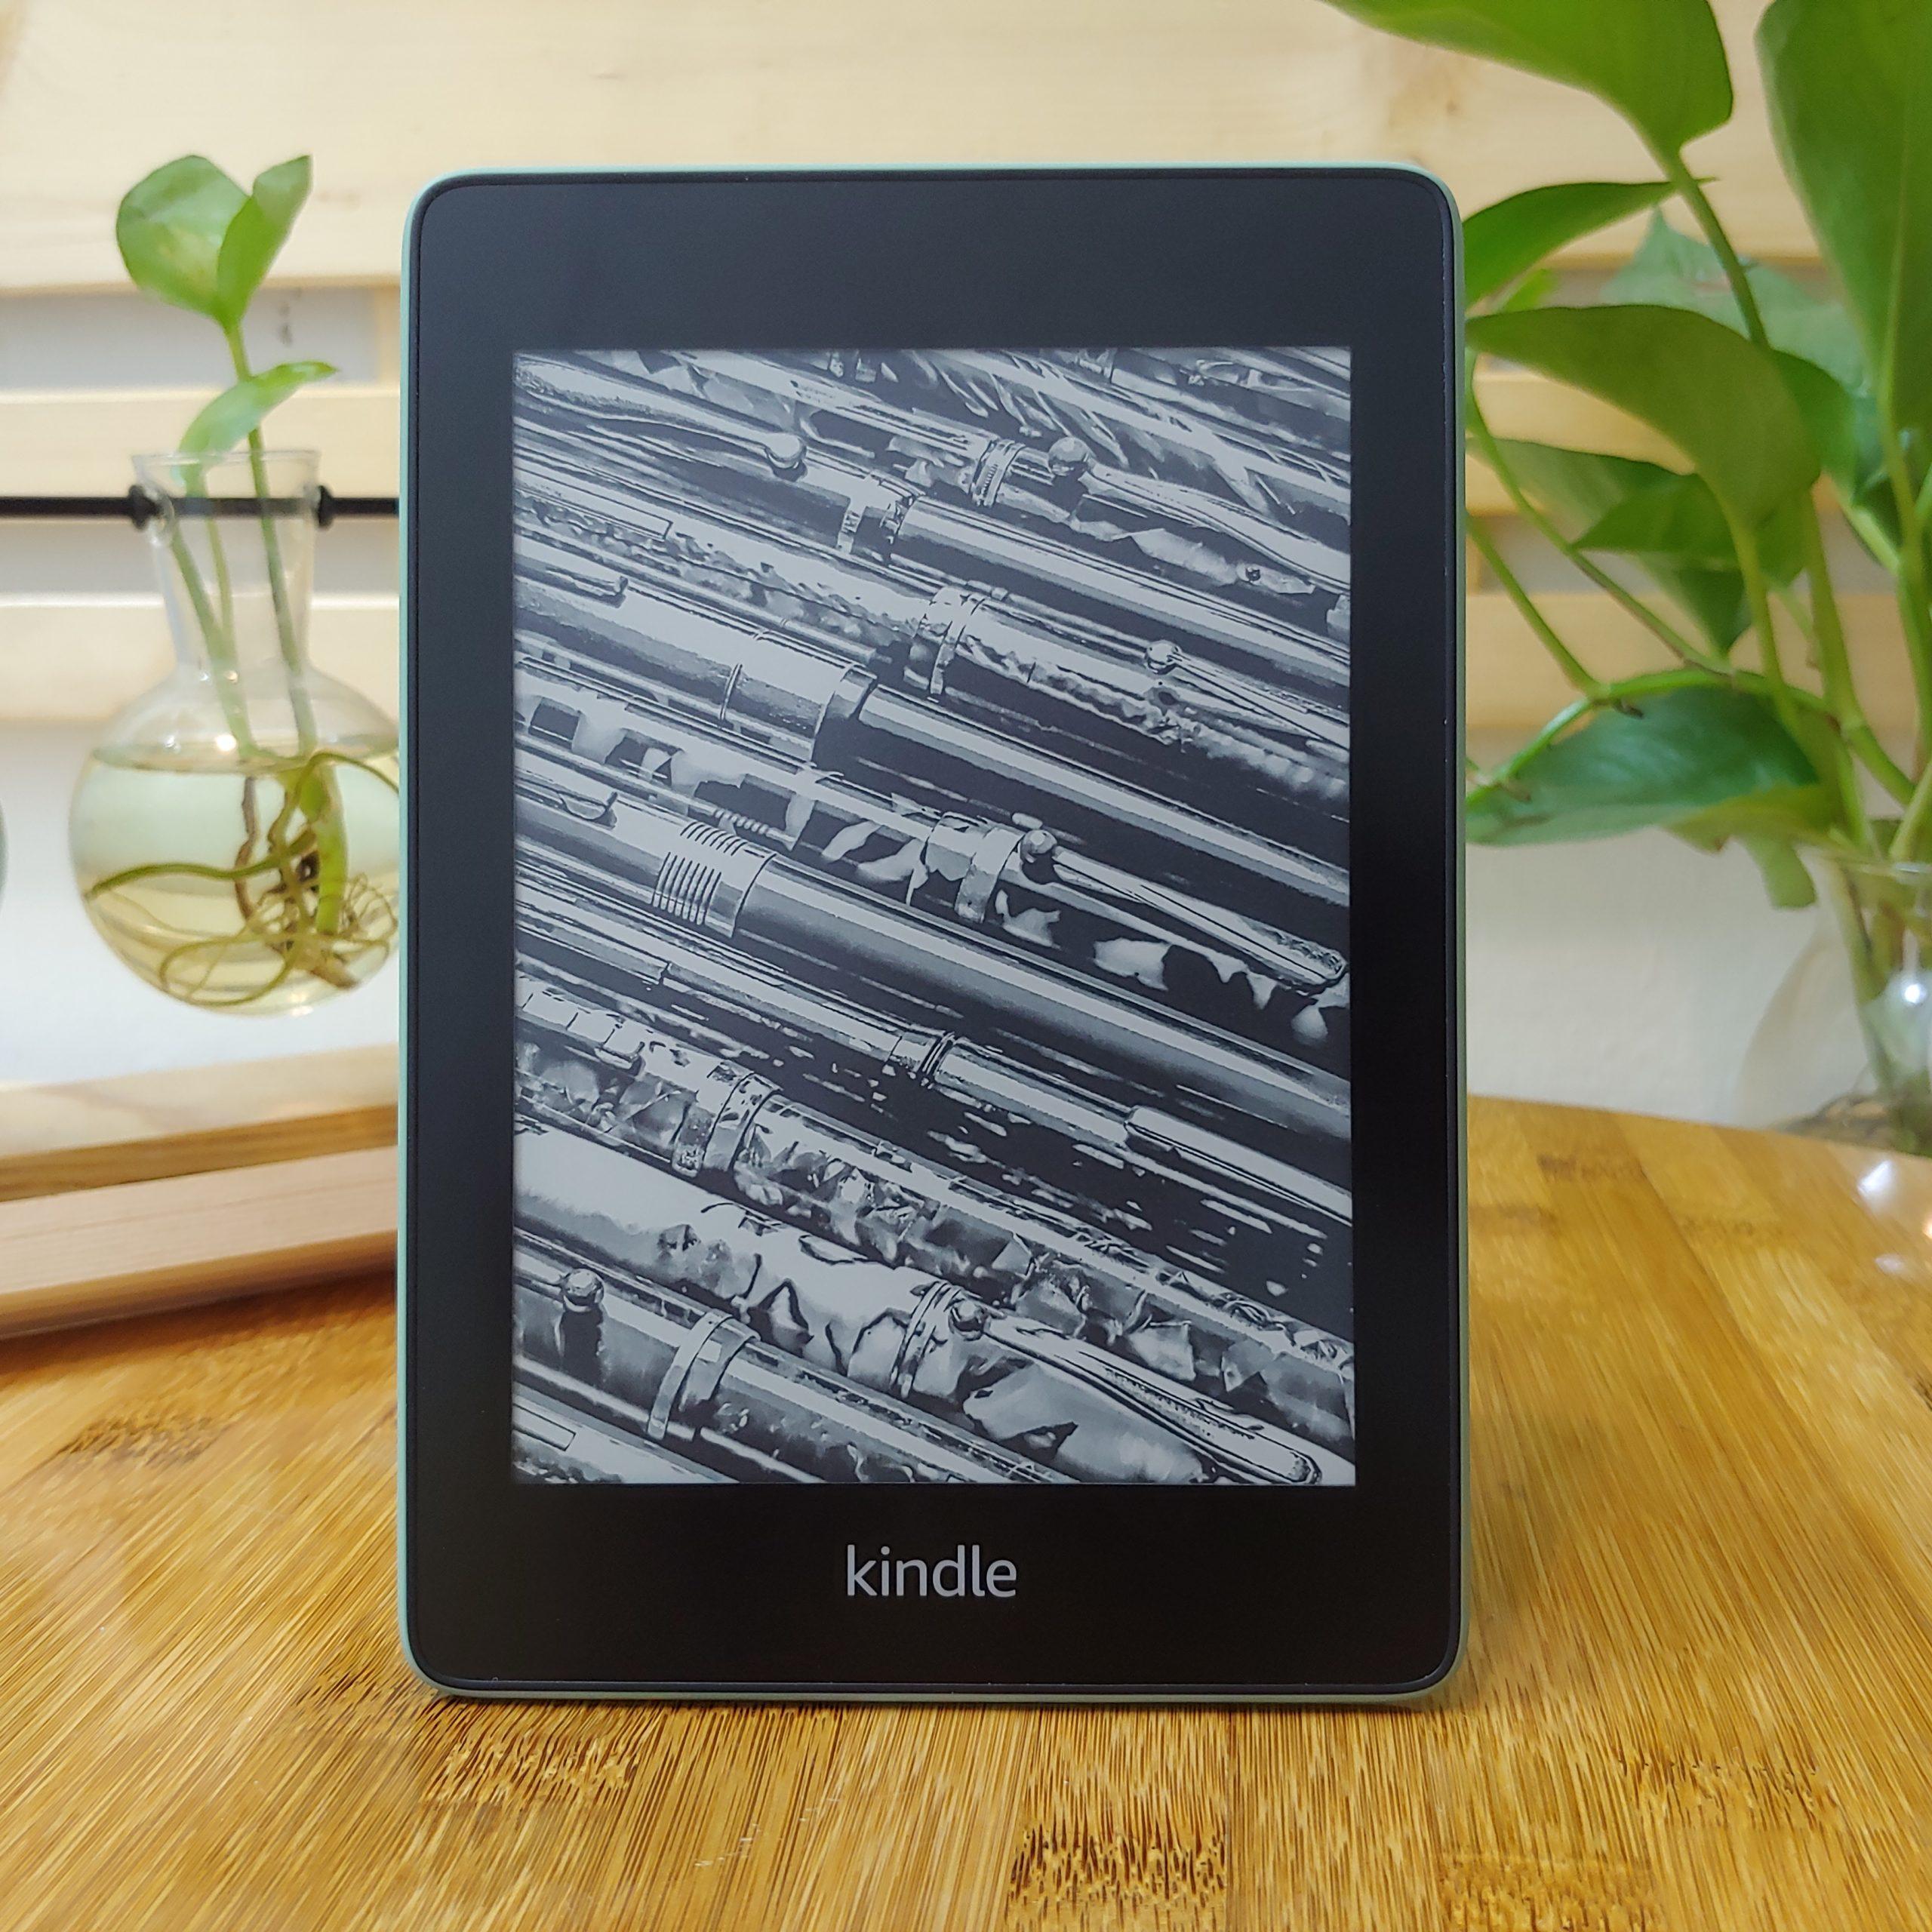 """[NEW REFURBISHED] Máy đọc sách Kindle Paperwhite Gen 4 (10th)  màn hình 6"""" 300PPI có đèn nền, bộ nhớ 32GB, Wifi, Bluetooth"""